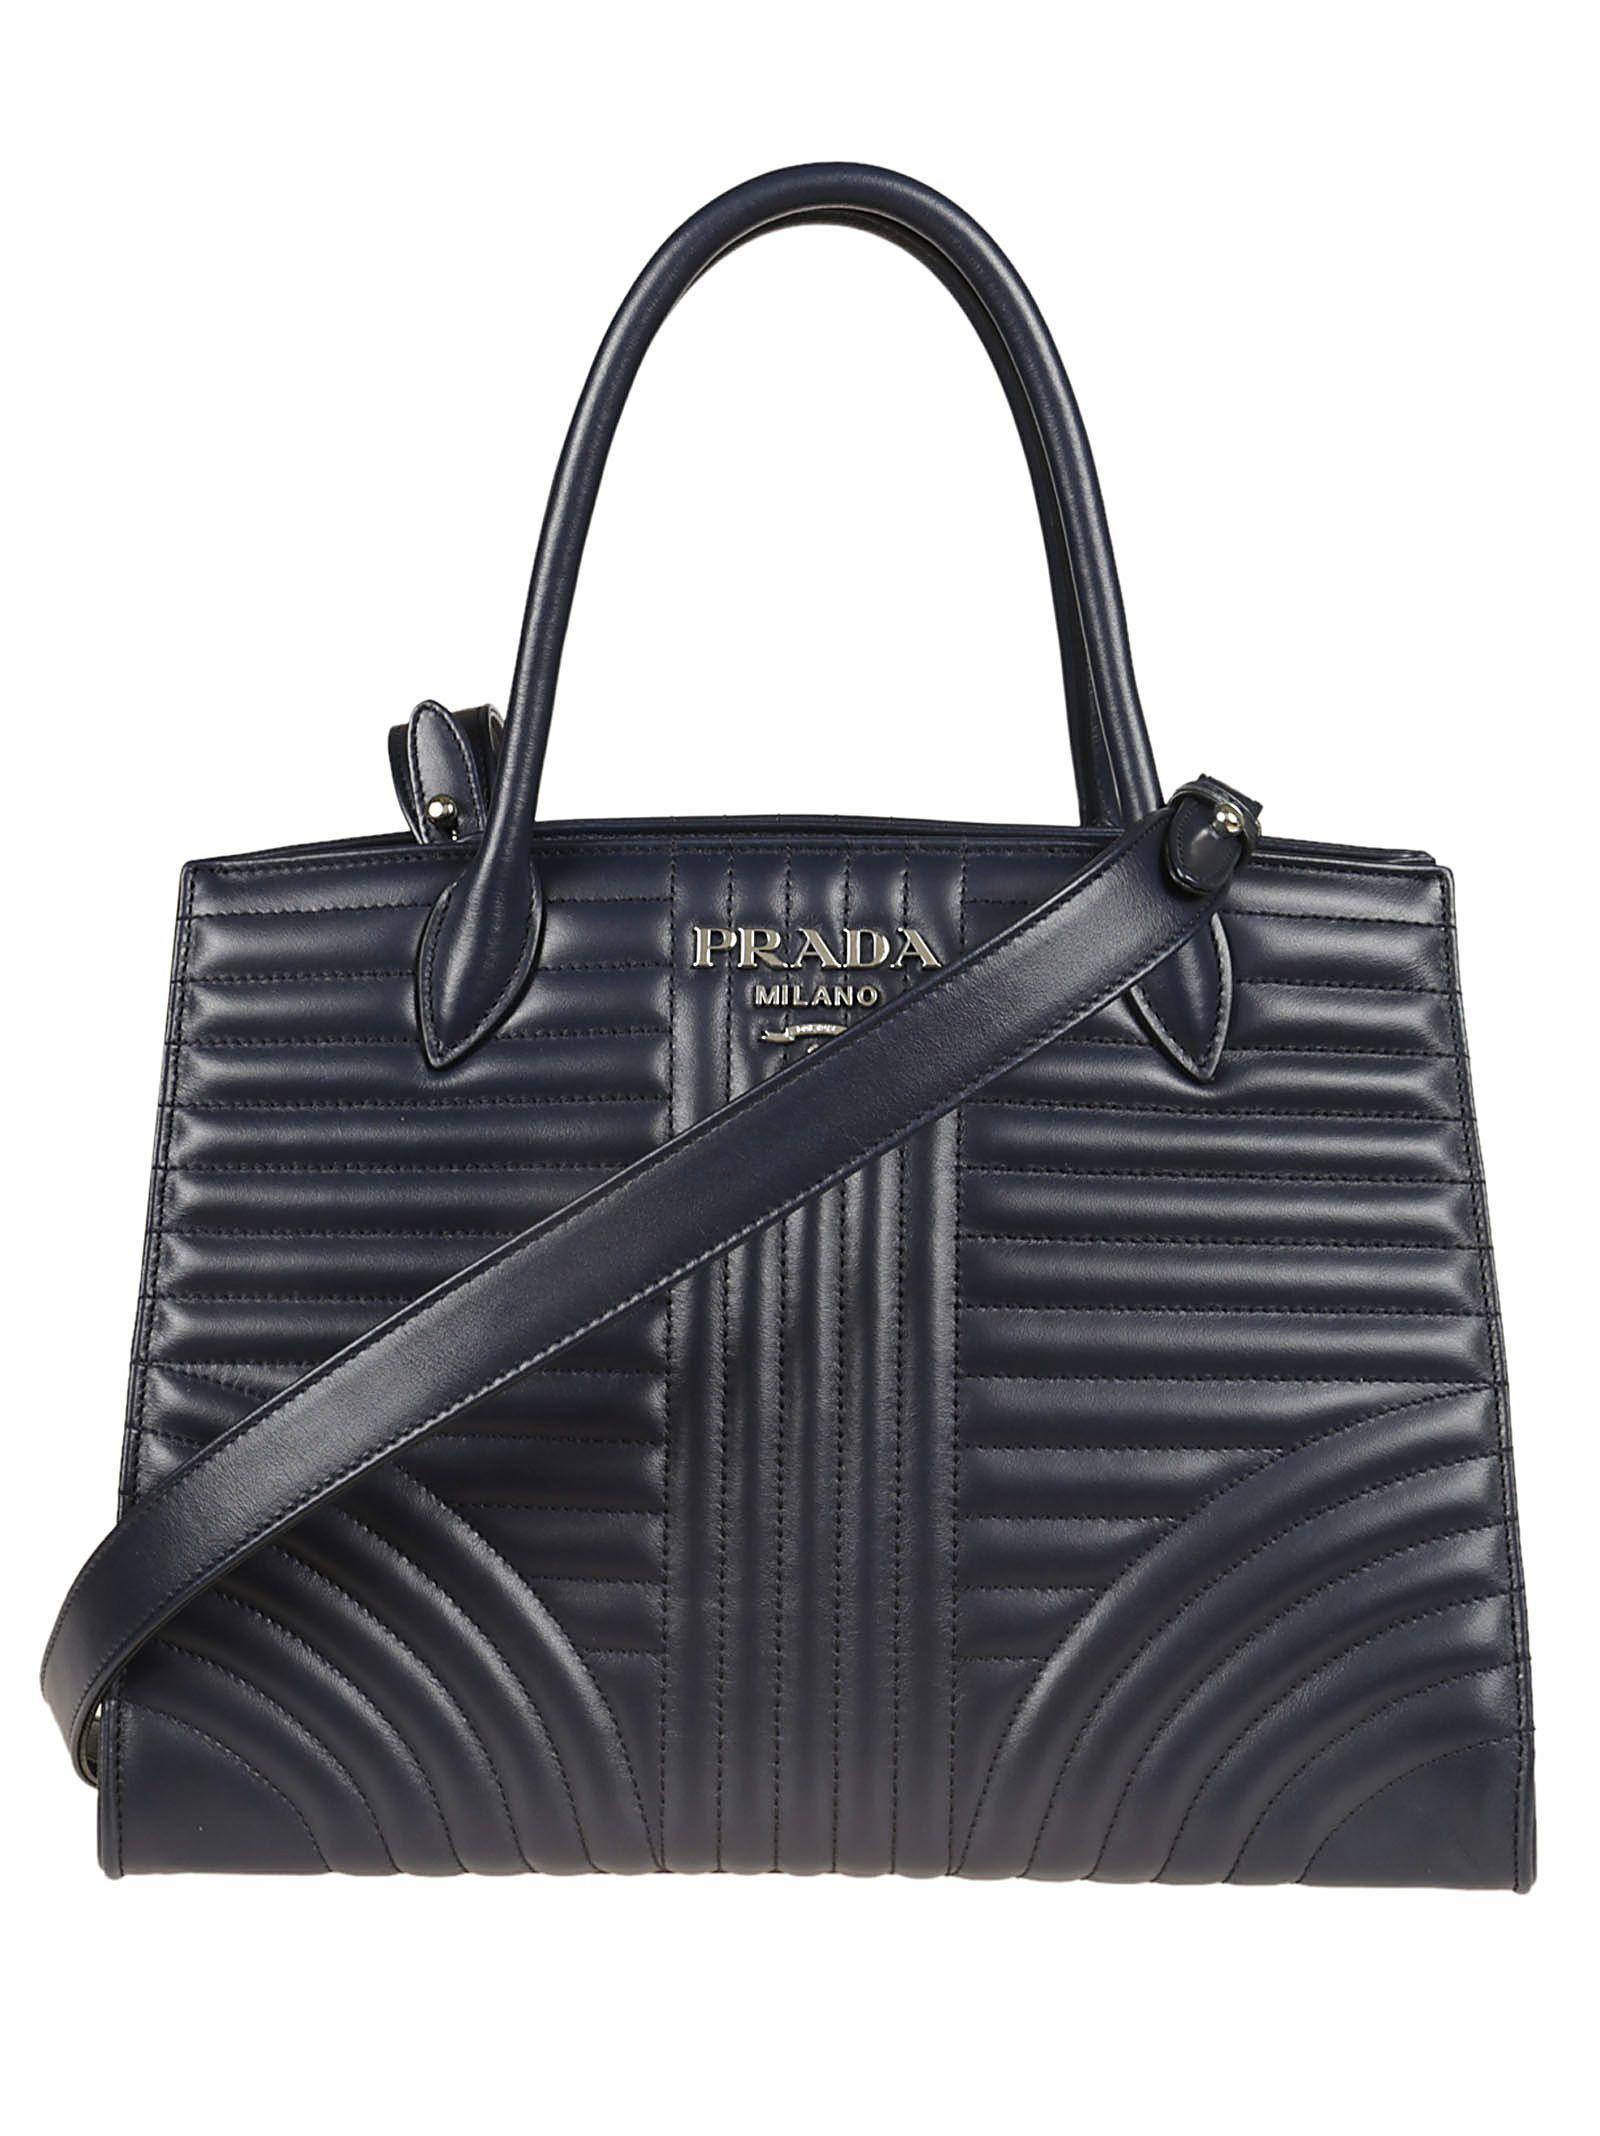 980514473d79 Shop for Prada Straw handbag with a strap at ShopStyle.com